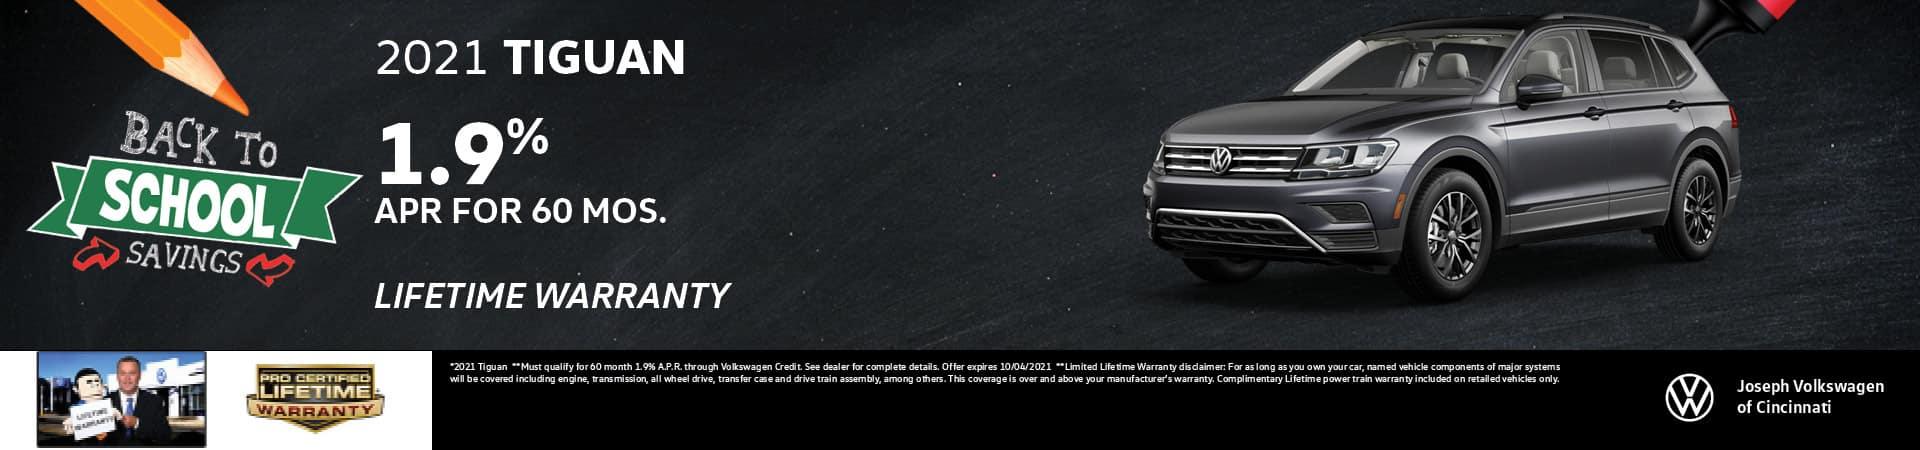 2021 Volkswagen Tiguan 1.9% APR   Joseph Volkswagen   Cincinnati, OH